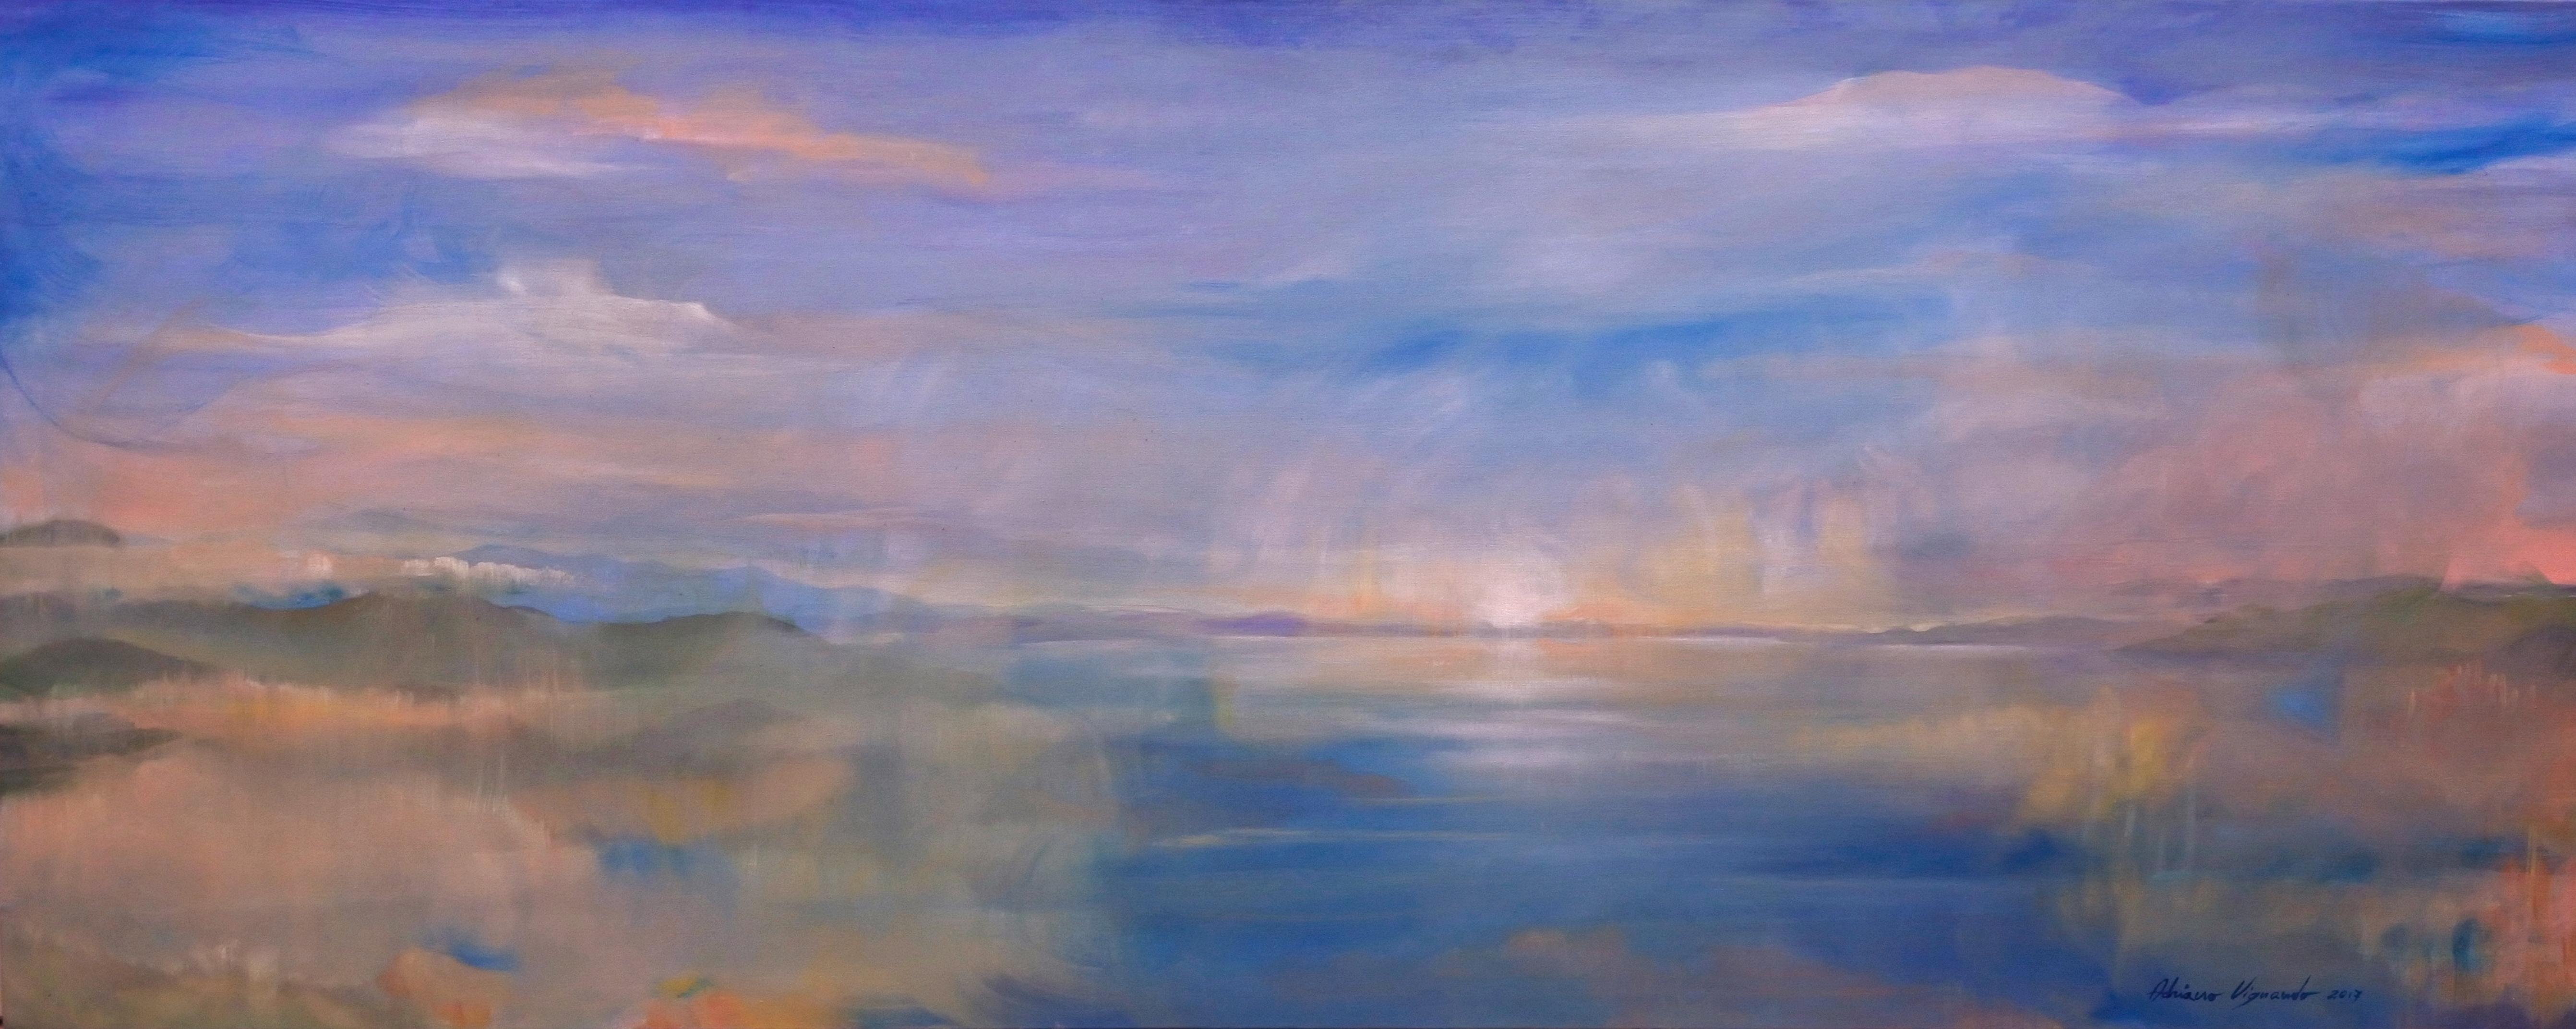 Lago Immerso nella luce